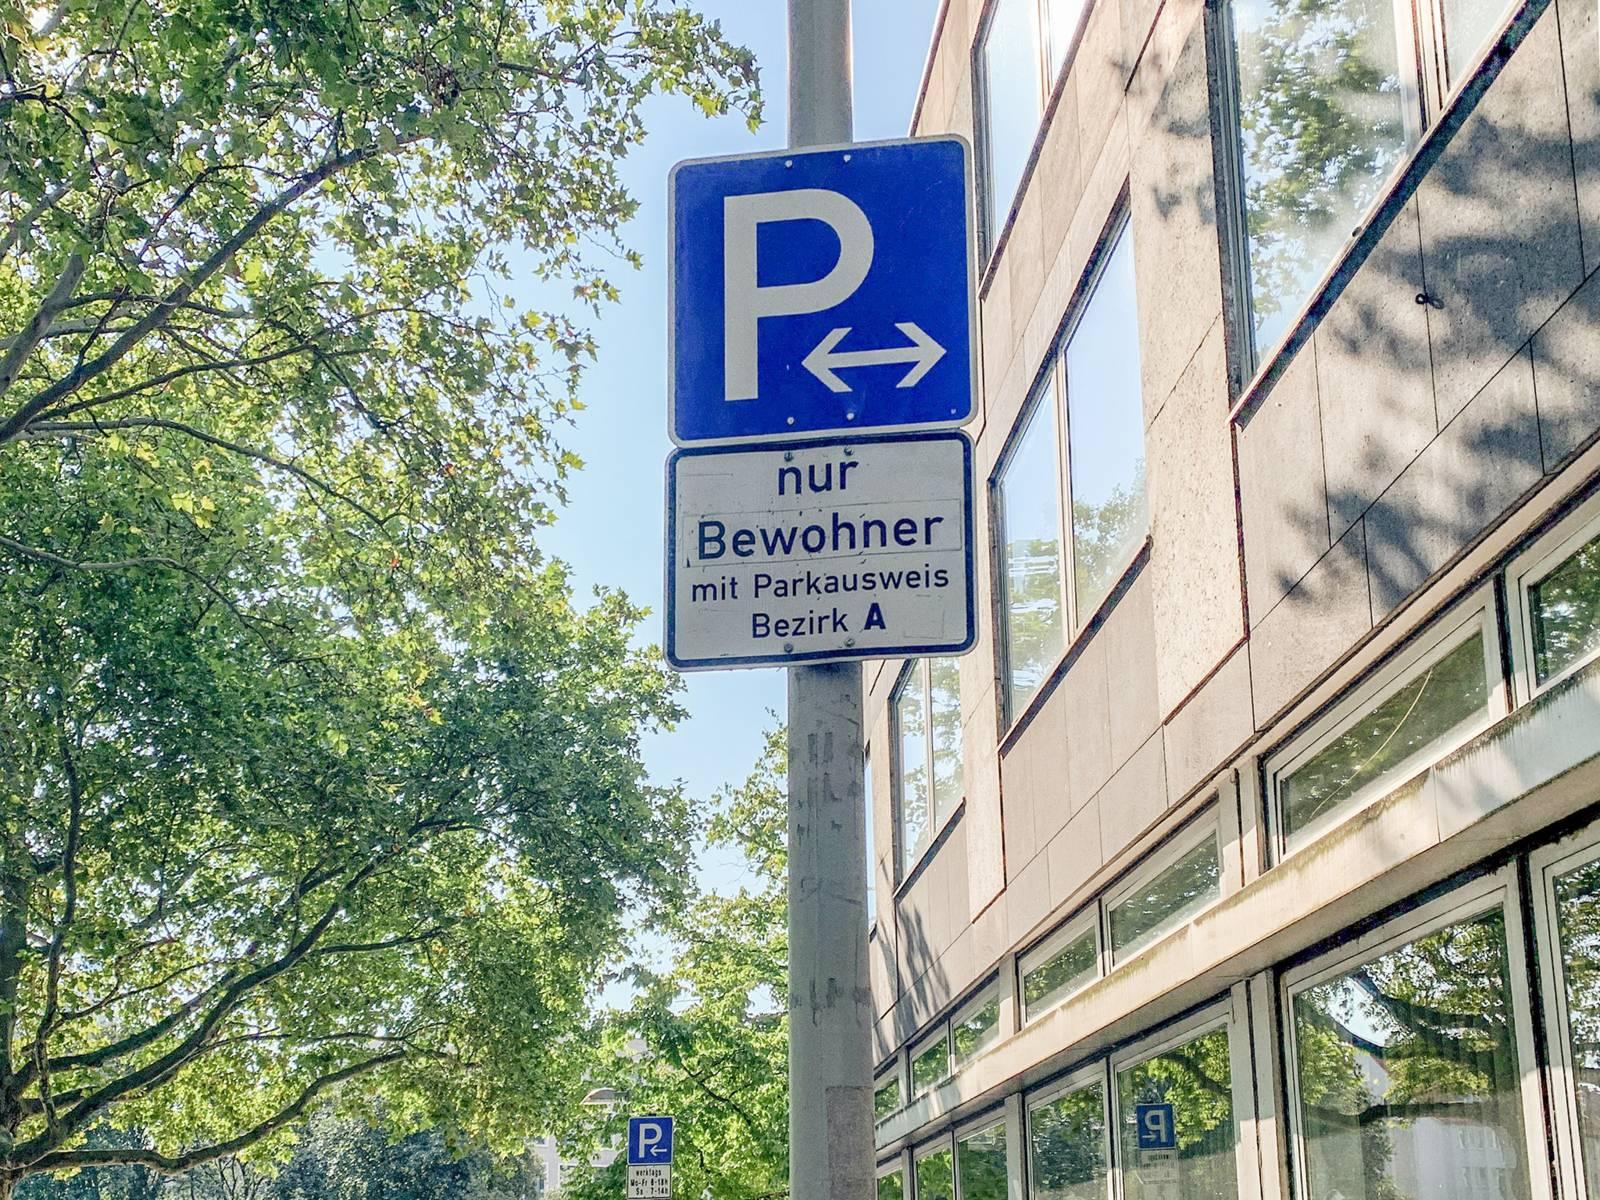 Ein Straßenschild, das auf eine Parkzone für Bewohner hinweist